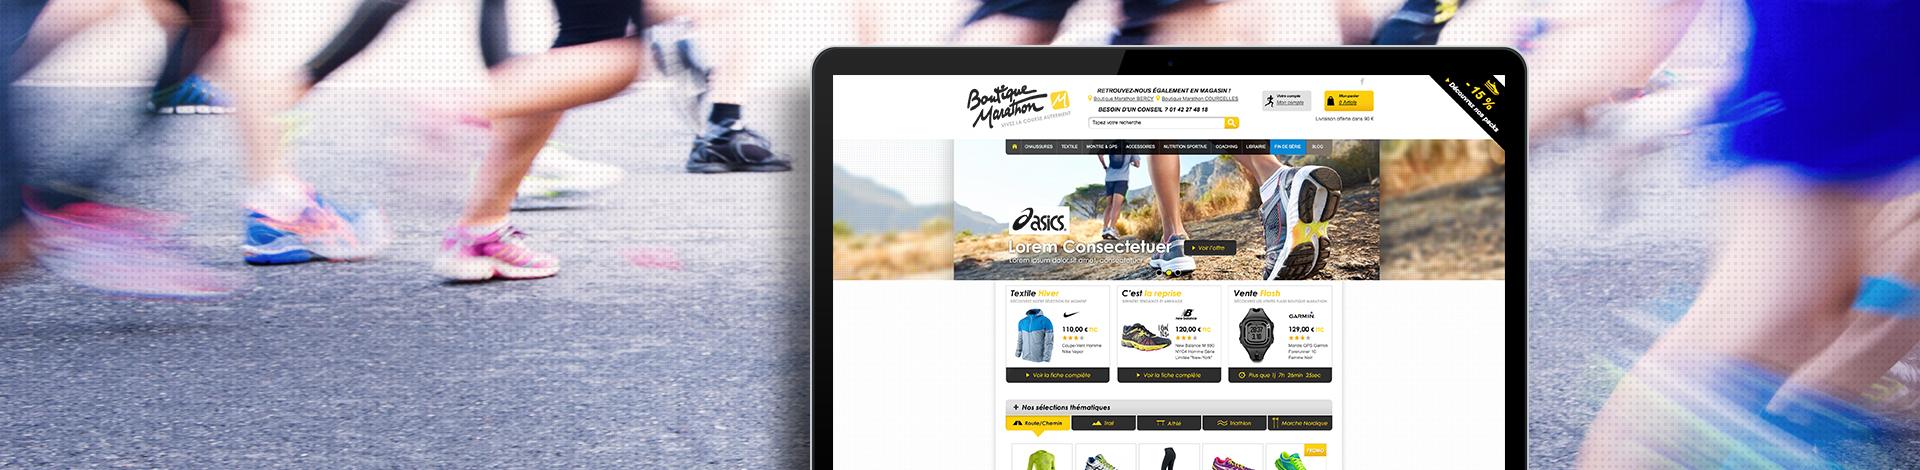 boutiquemarathon-bandeau